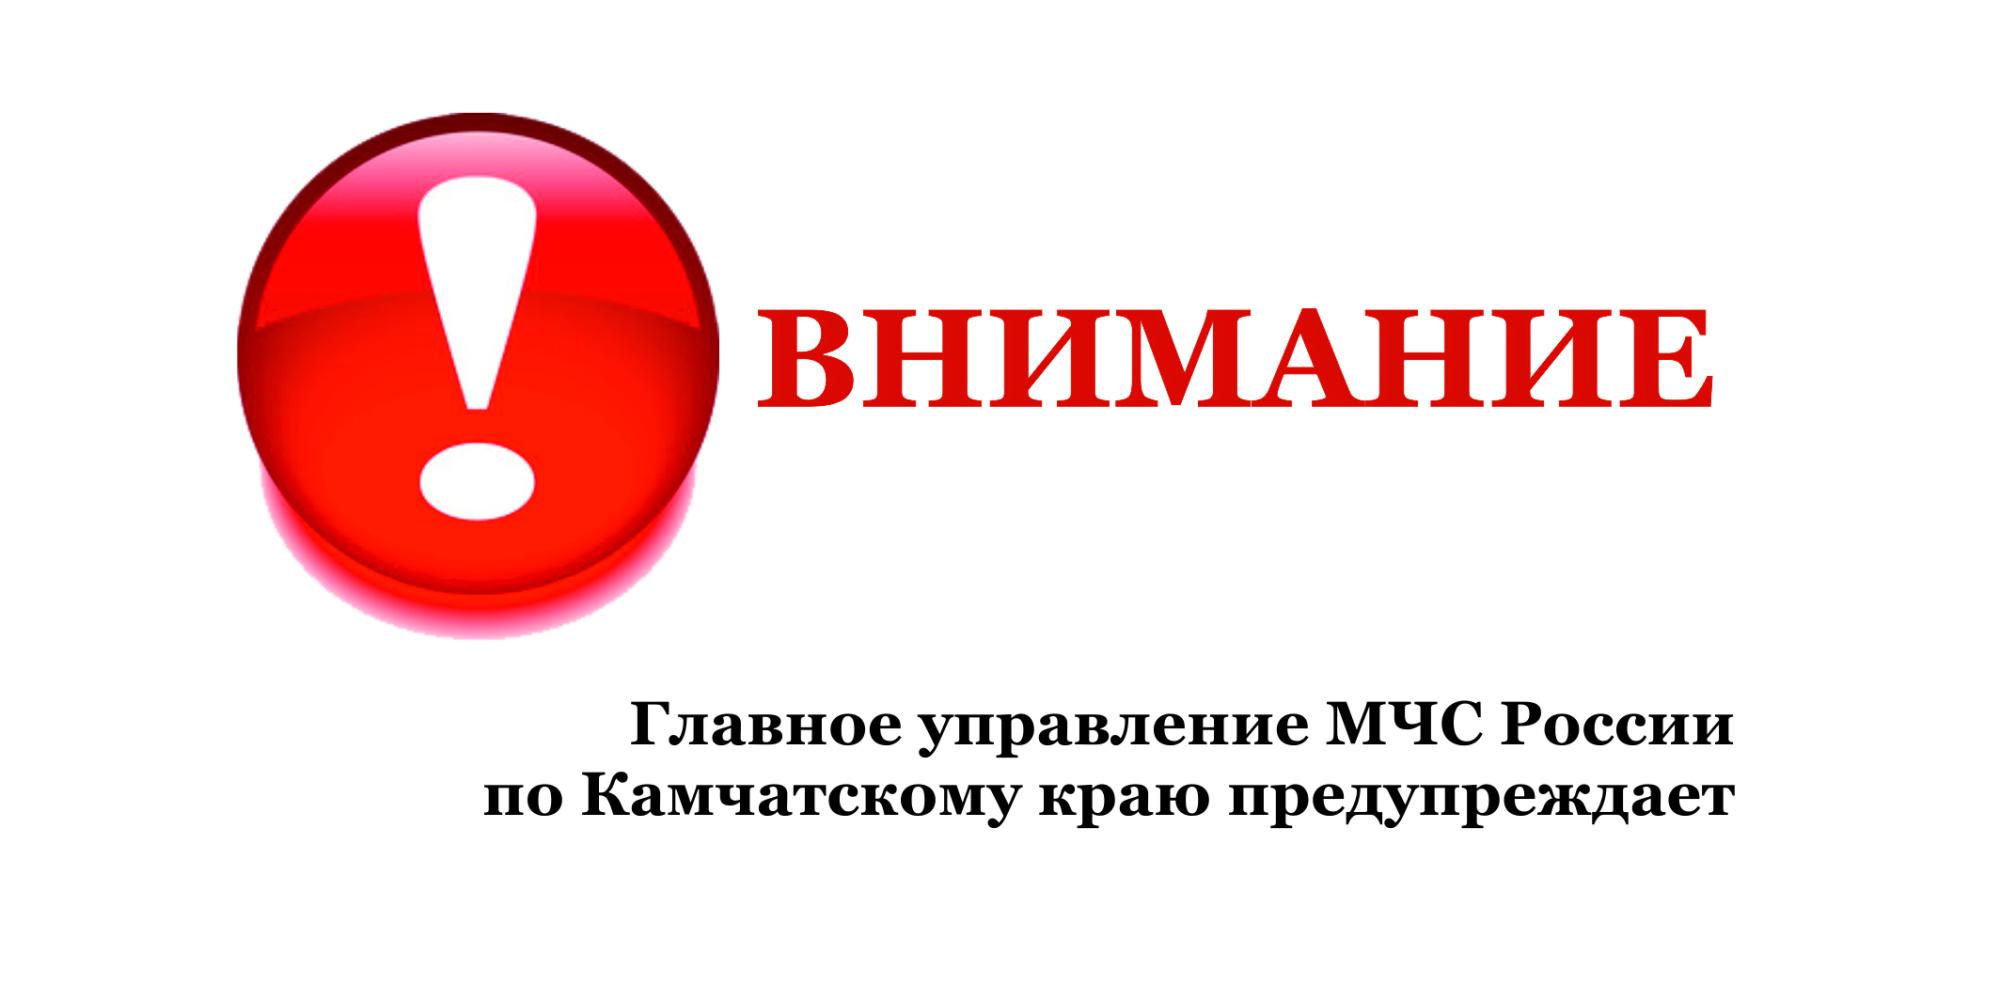 В  посёлке Ключи  Усть-Камчатского муниципального района введён особый противопожарный режим